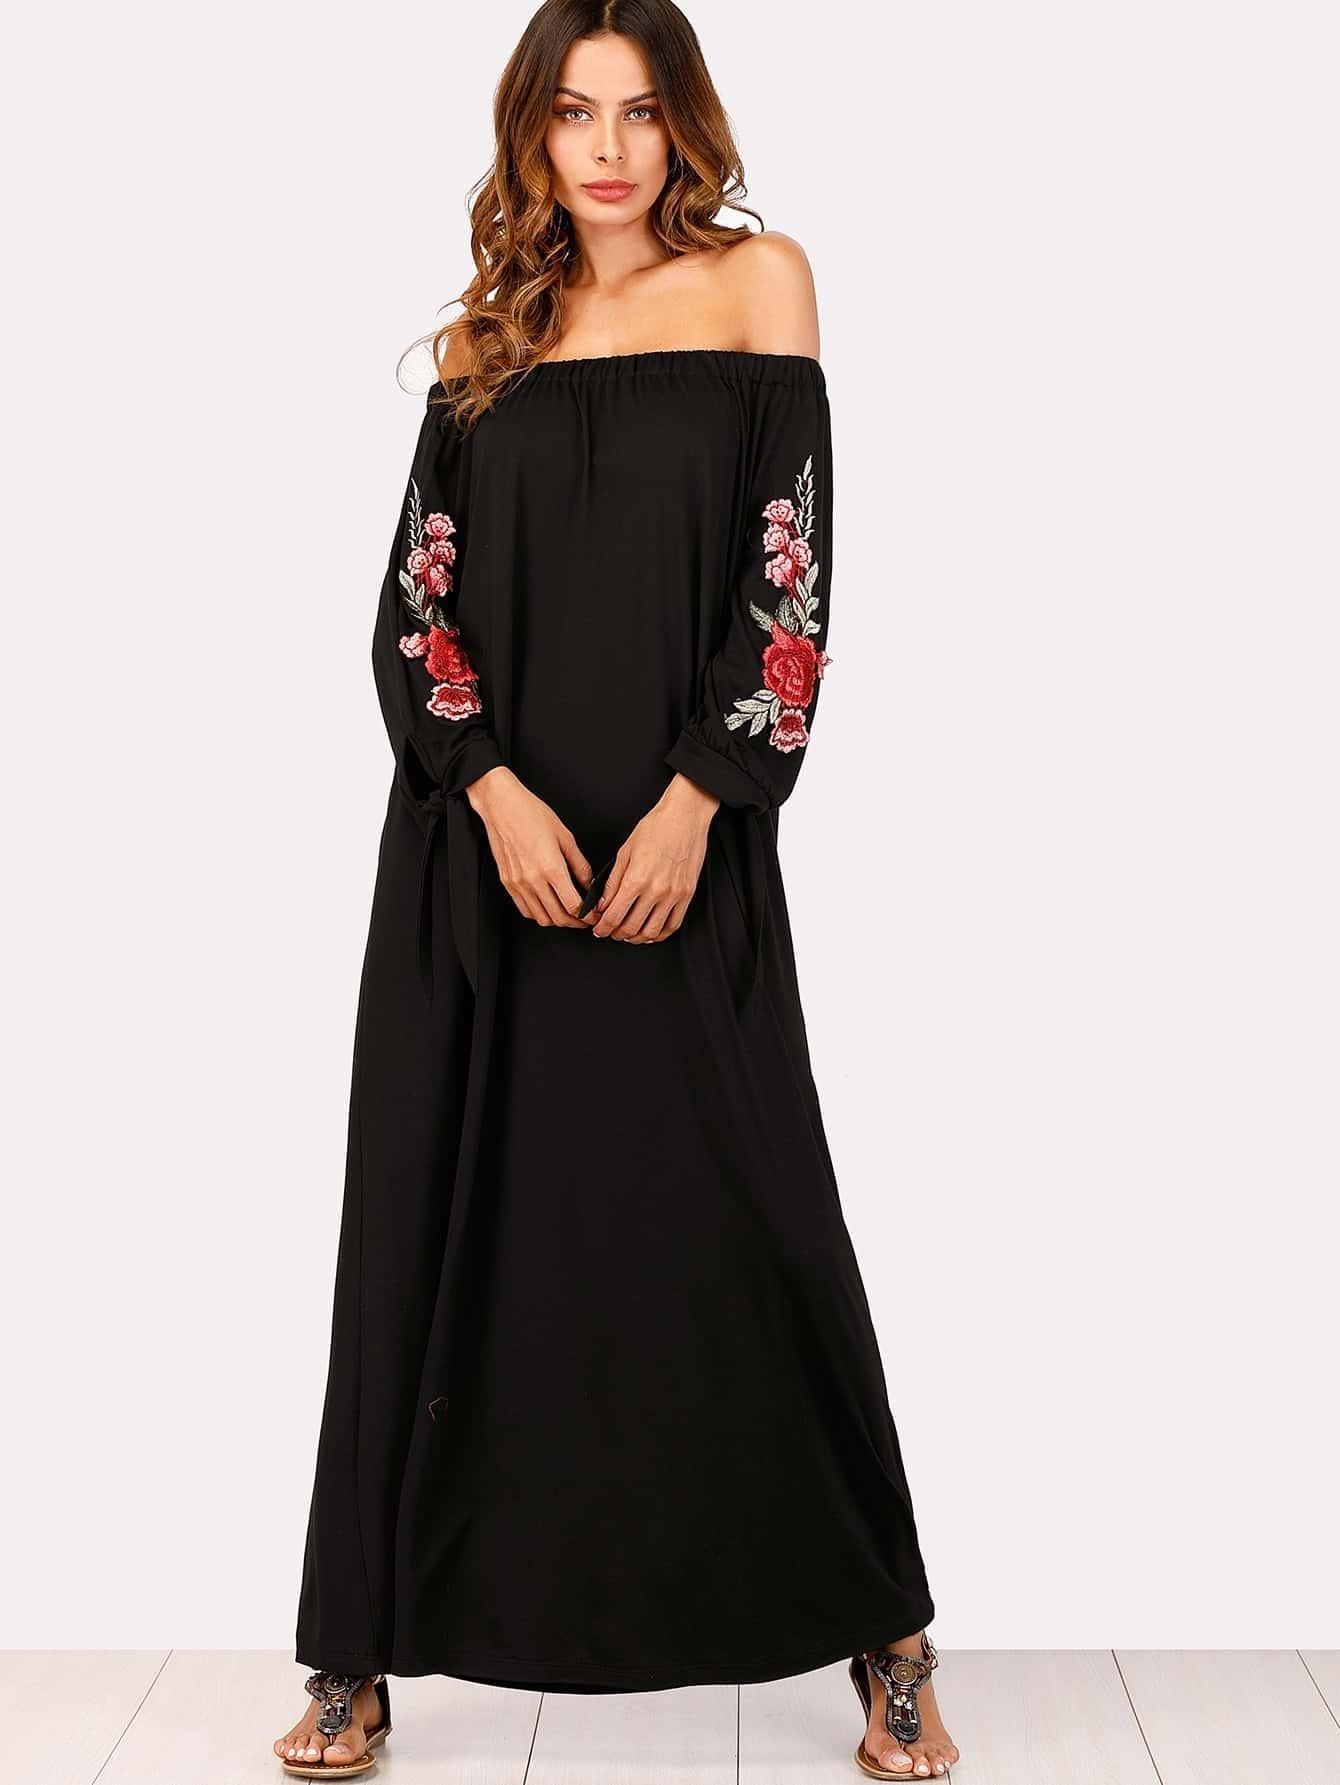 Off Shoulder Floral Embroidered Applique Dress sweet off the shoulder floral dress for women